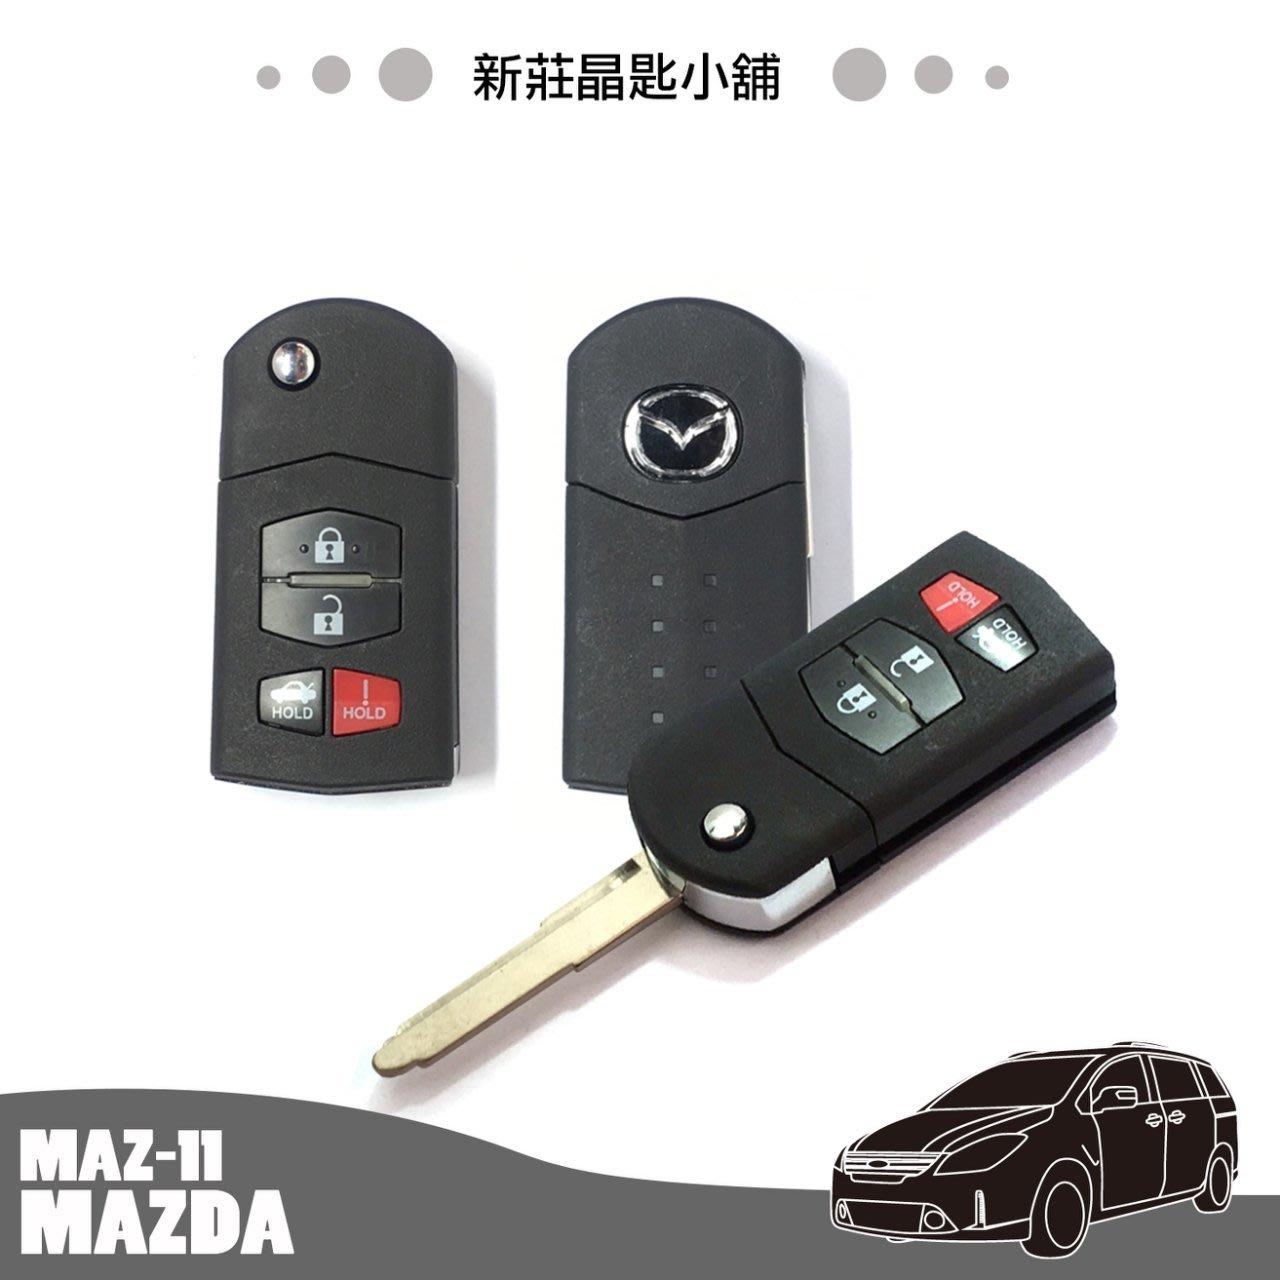 新莊晶匙小舖 MAZDA 2 MAZDA 6馬2 馬6 馬自達2 馬自達6 折疊彈射鑰匙 摺疊搖控鑰匙 晶片鑰匙複製